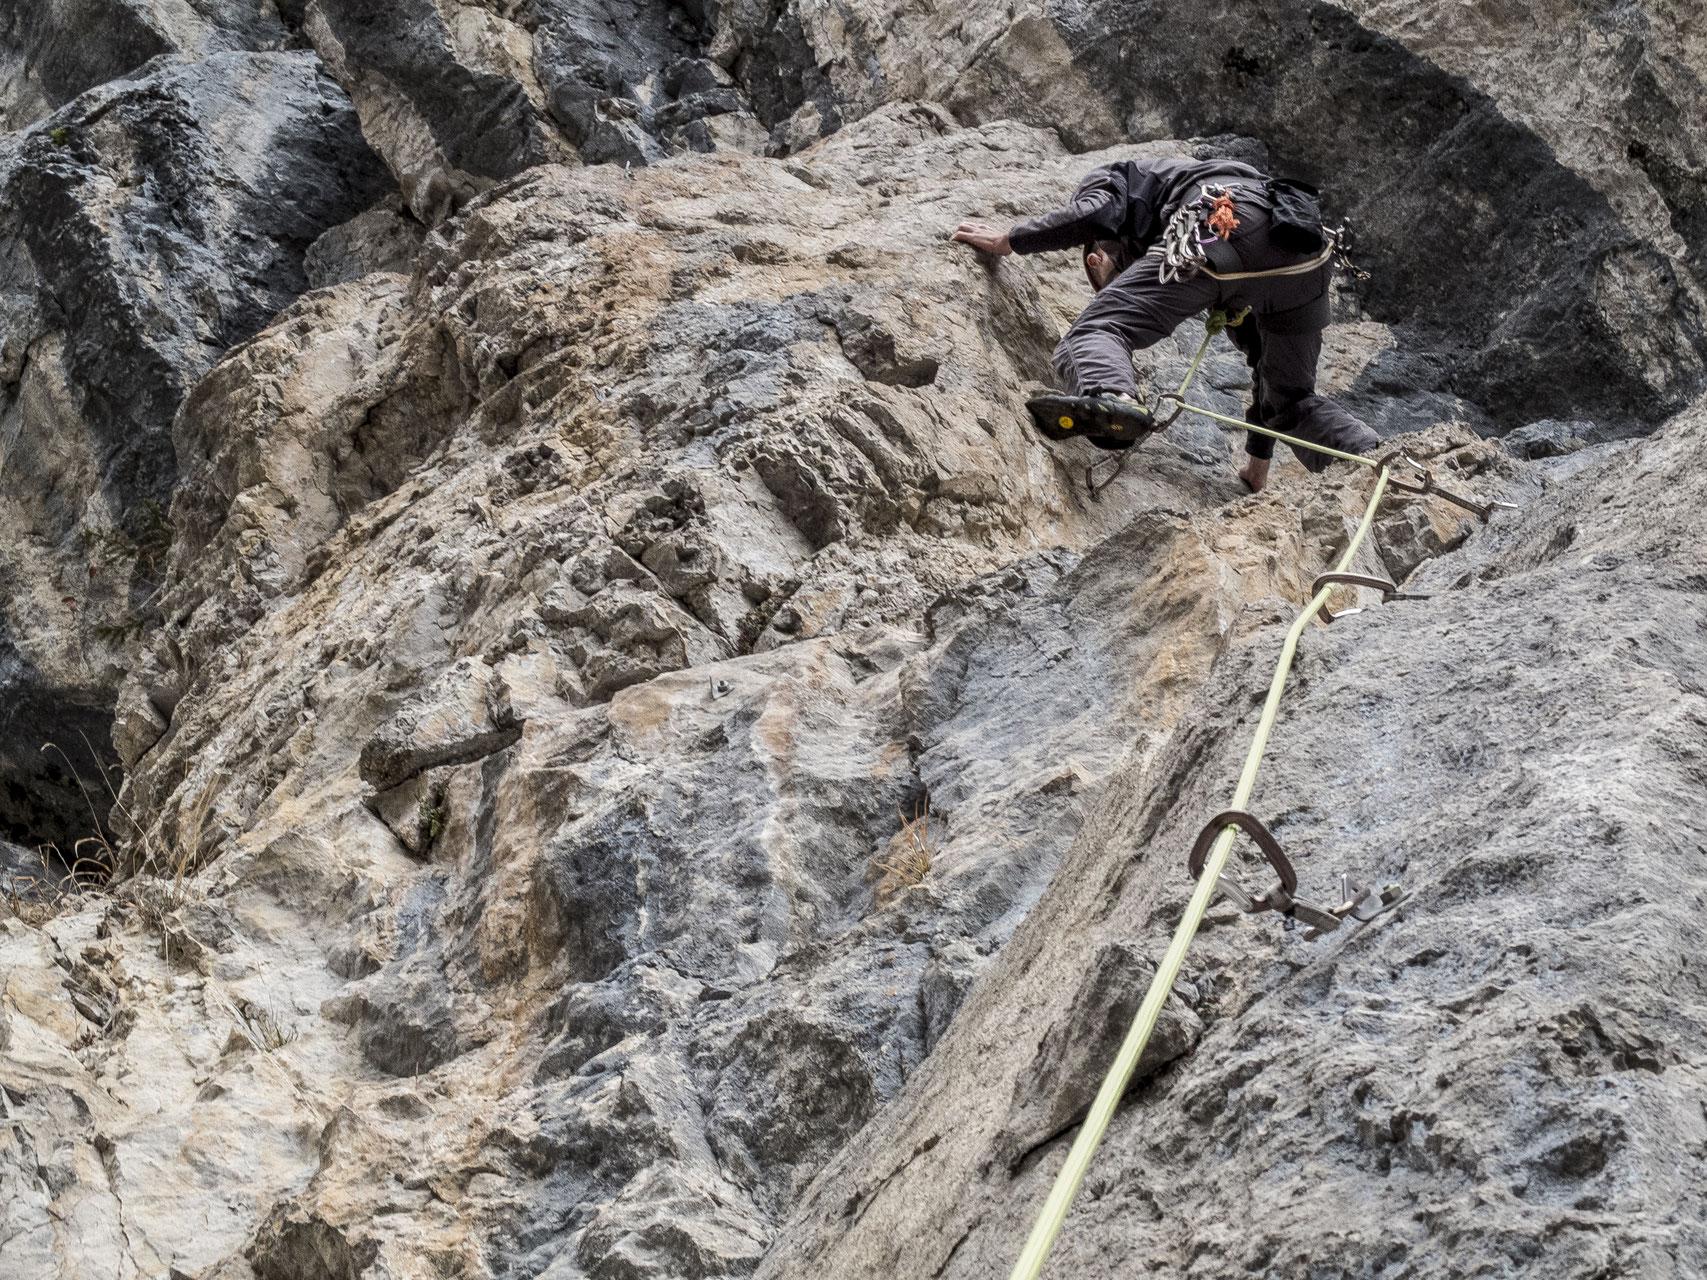 Klettergurt Für Mehrseillängen : Fels & schnee mountainfokus klettern skitouren fotografie